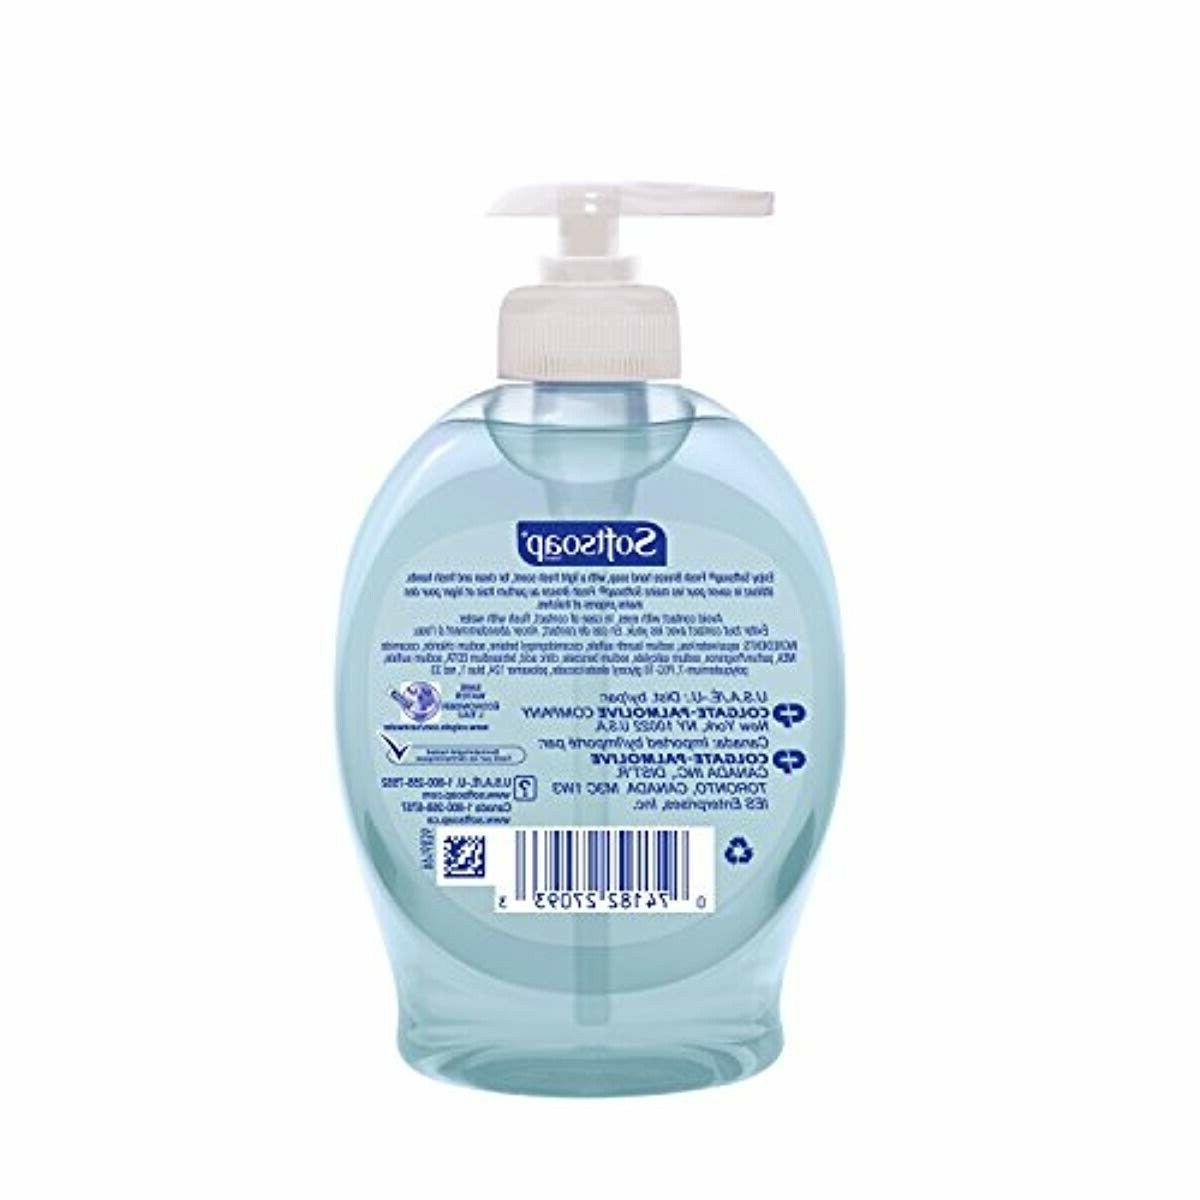 Softsoap Liquid Hand Fresh fluid ounce